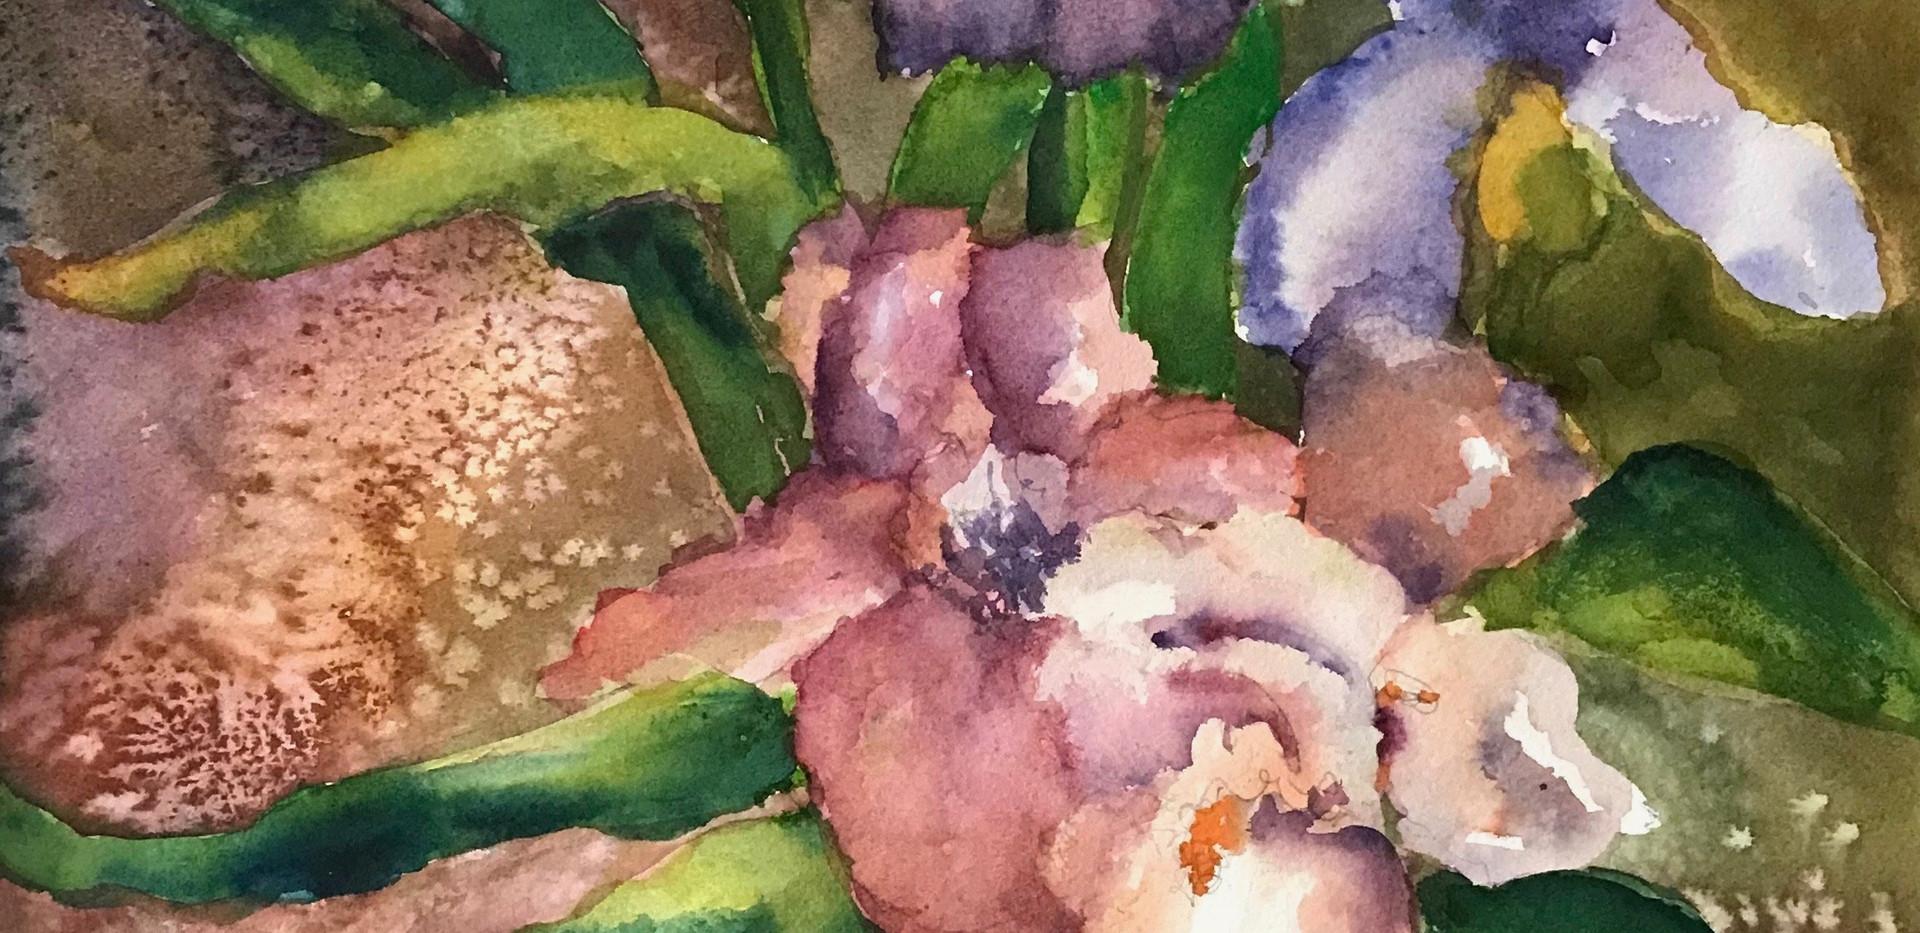 Irises in a Blue Vase